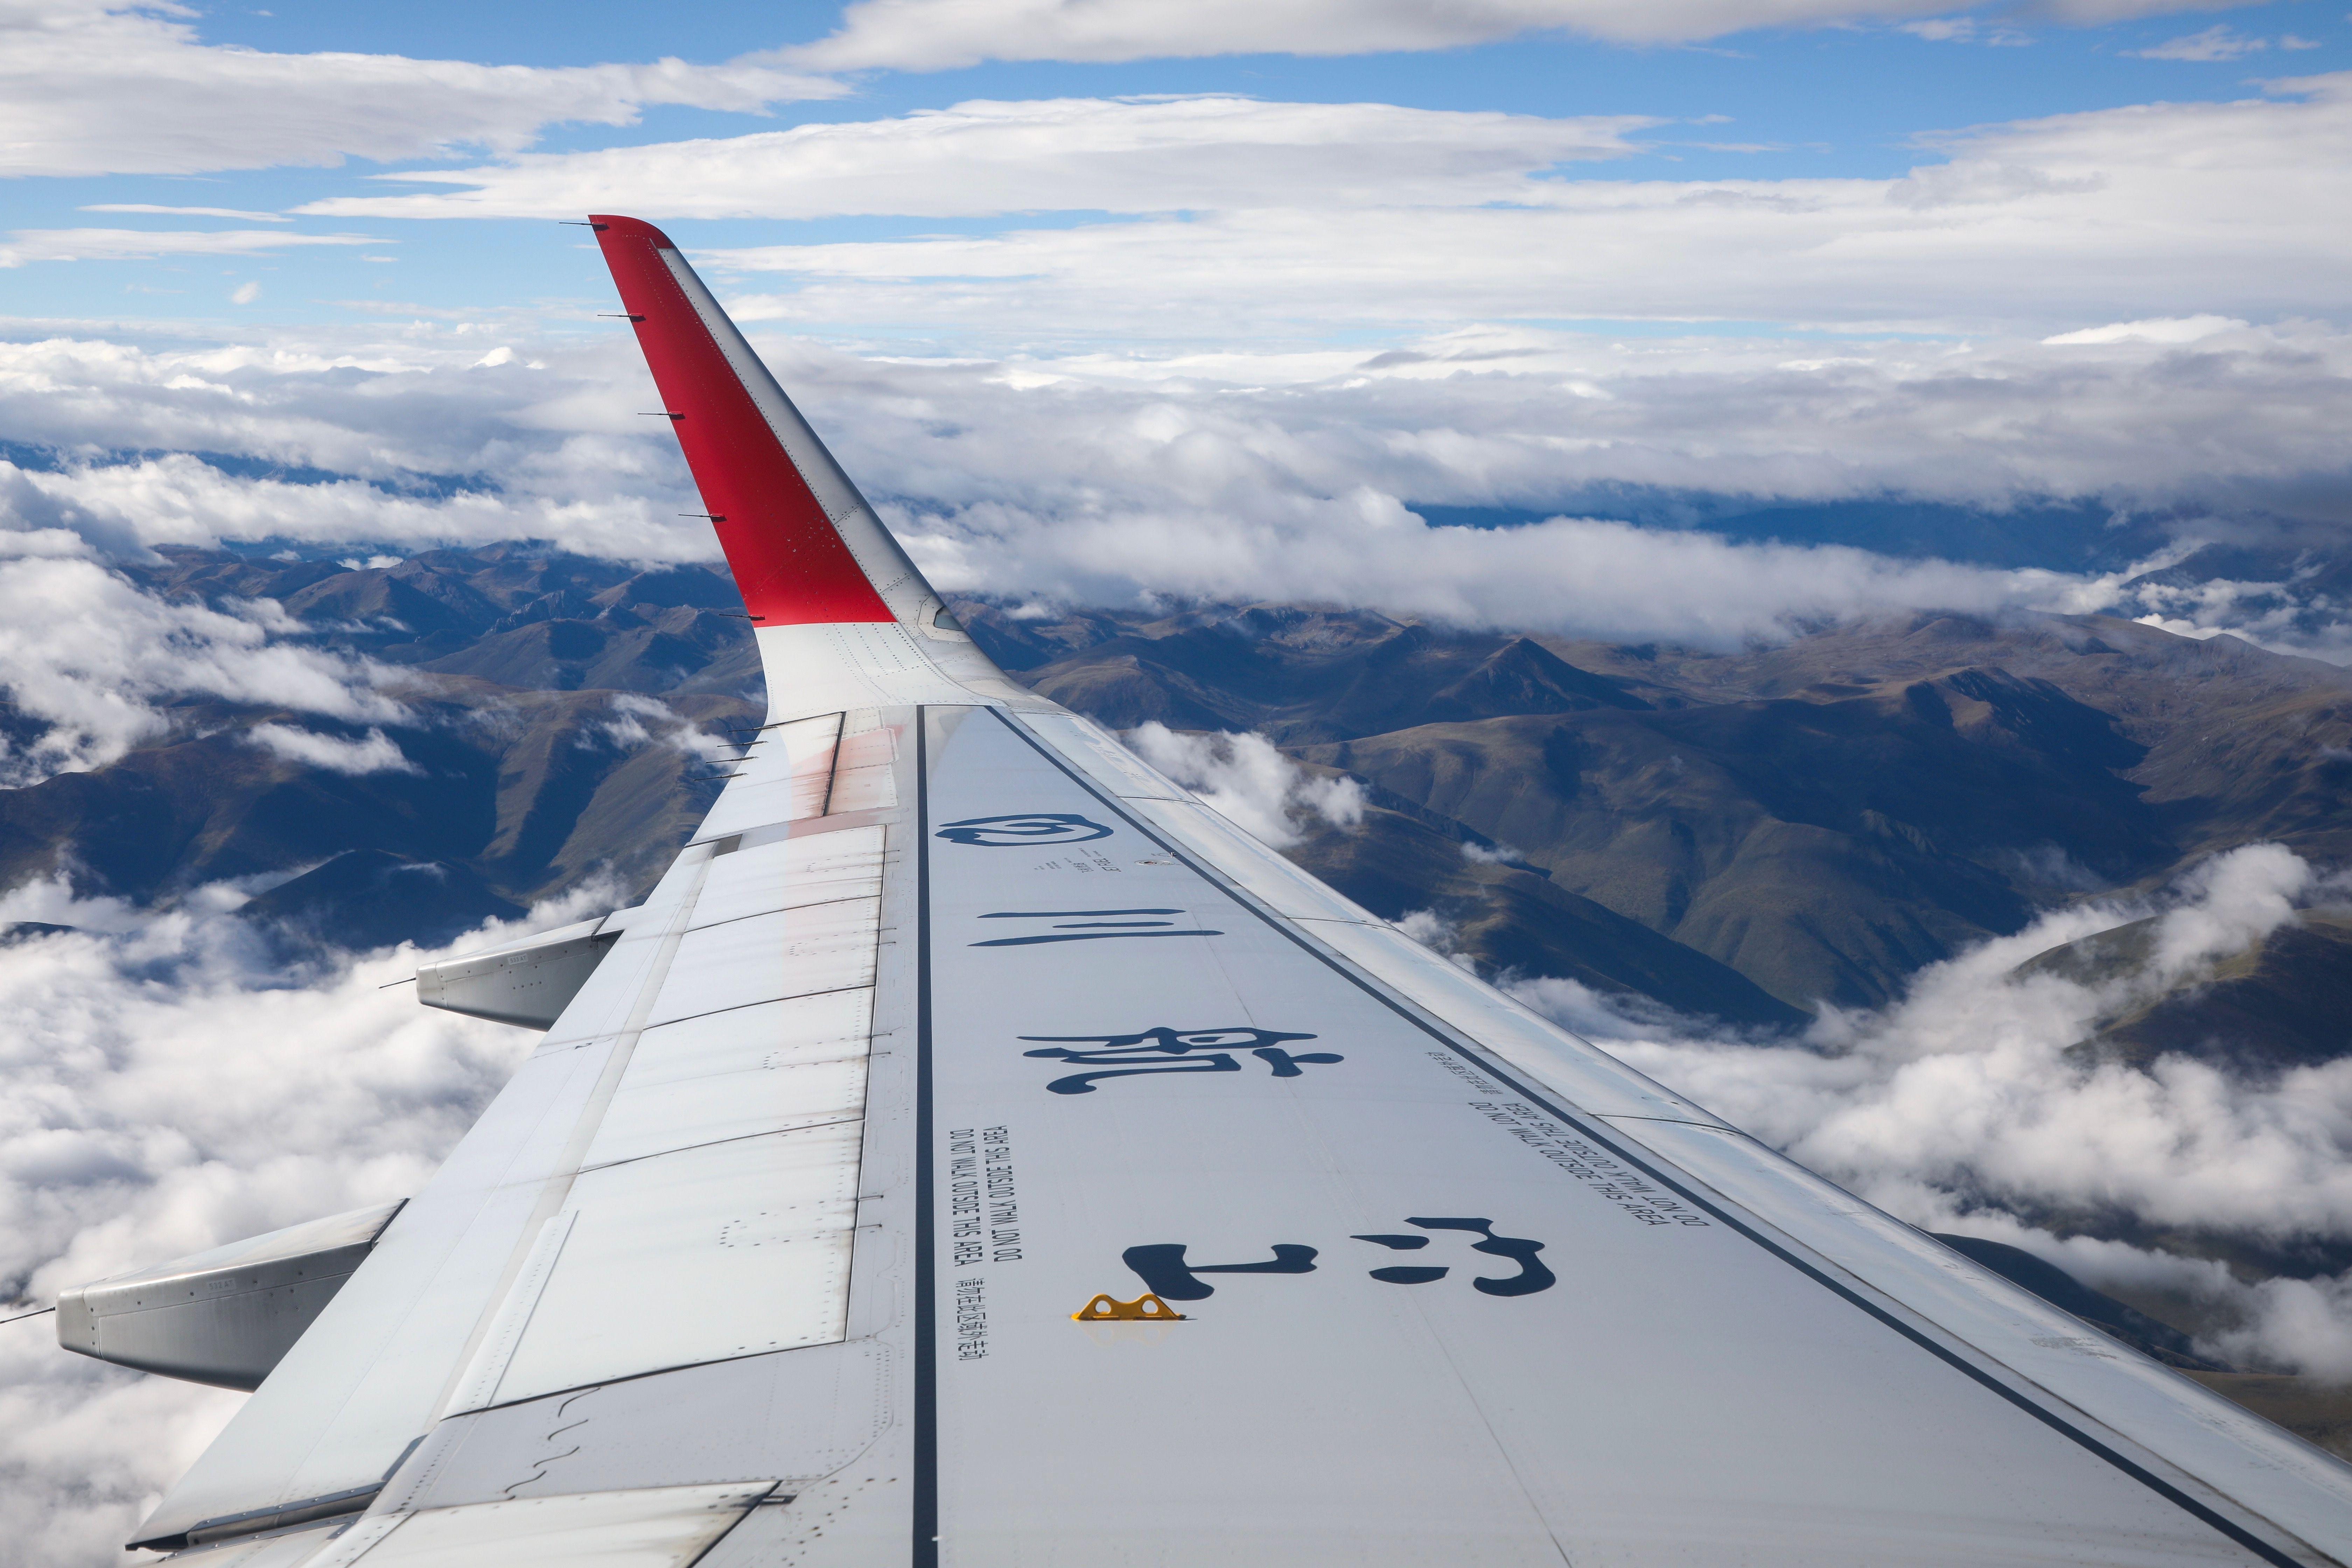 四川航空冬航季新航线出炉 将新增30多条航线